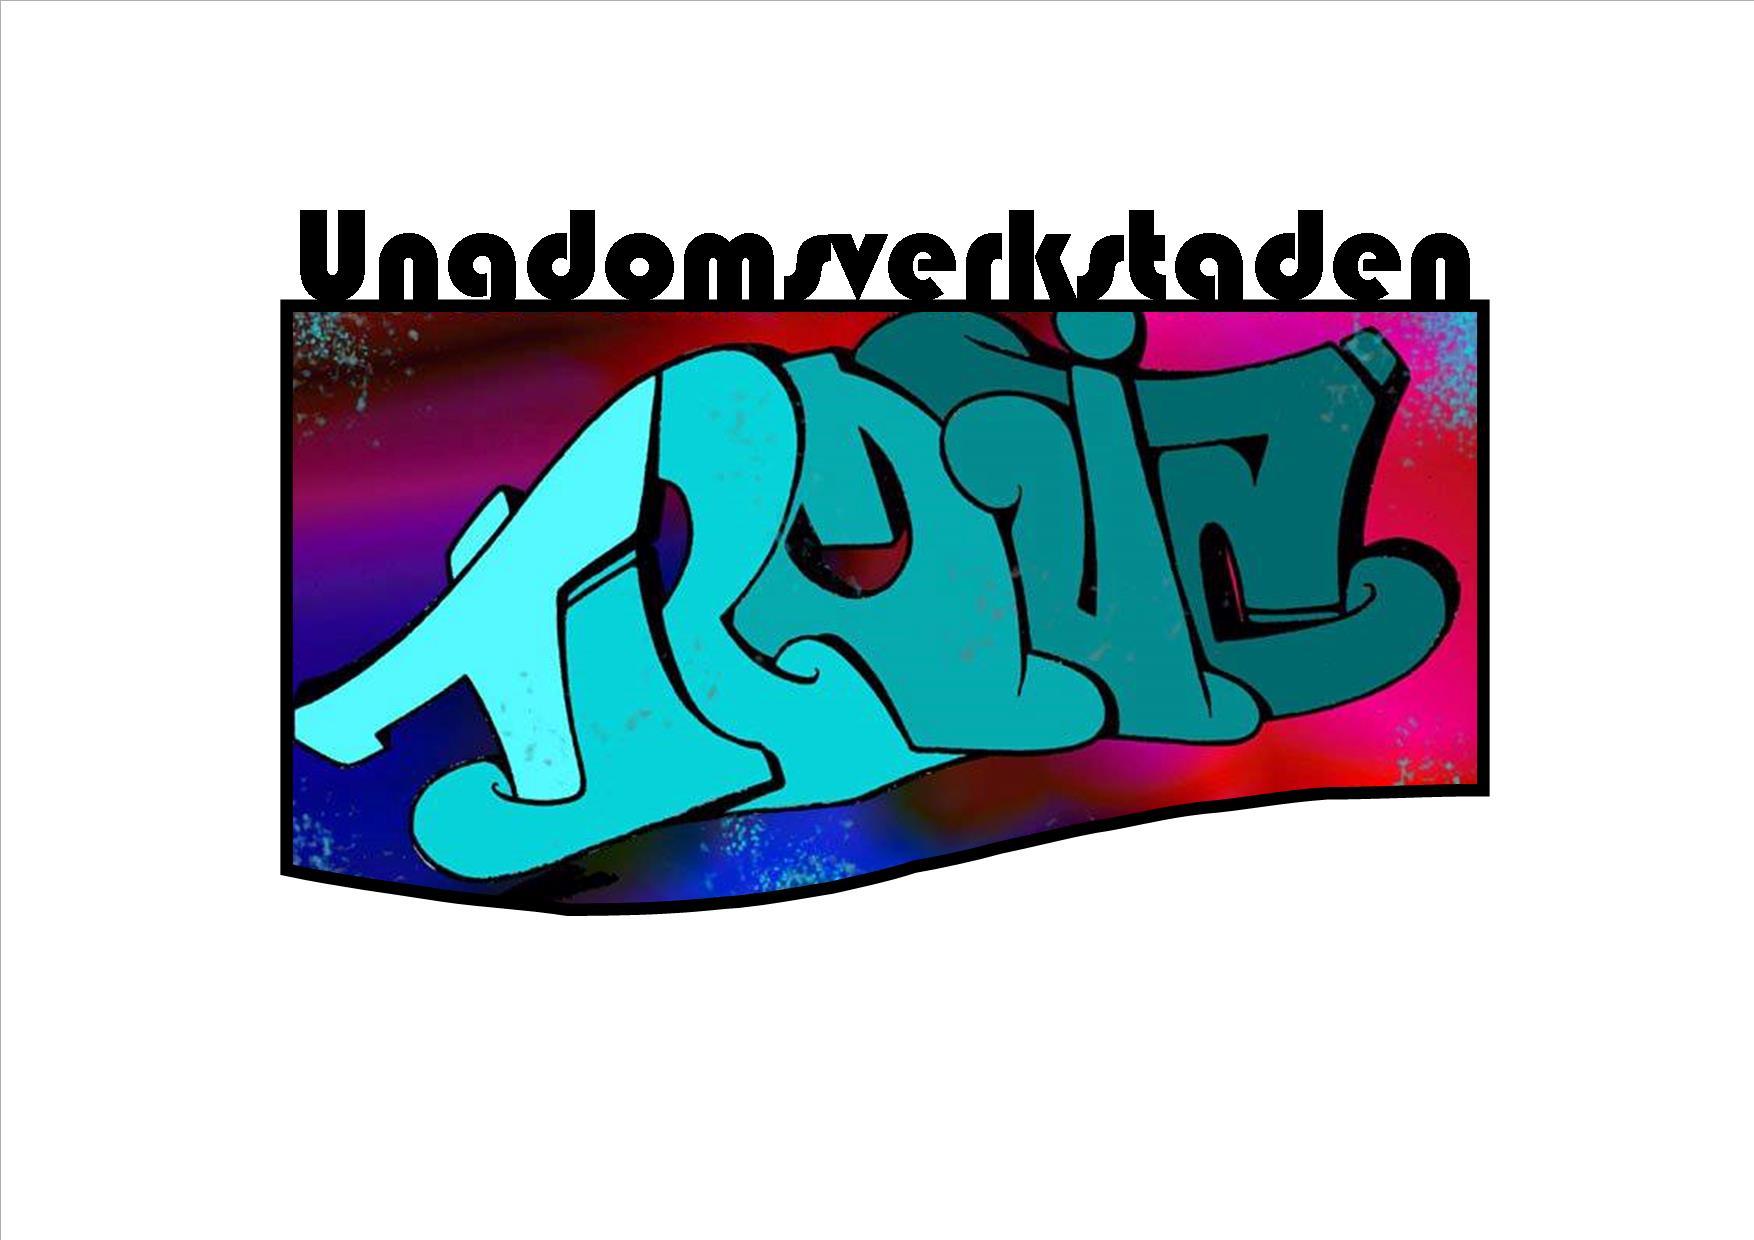 Nuorten työpaja Trojan logo